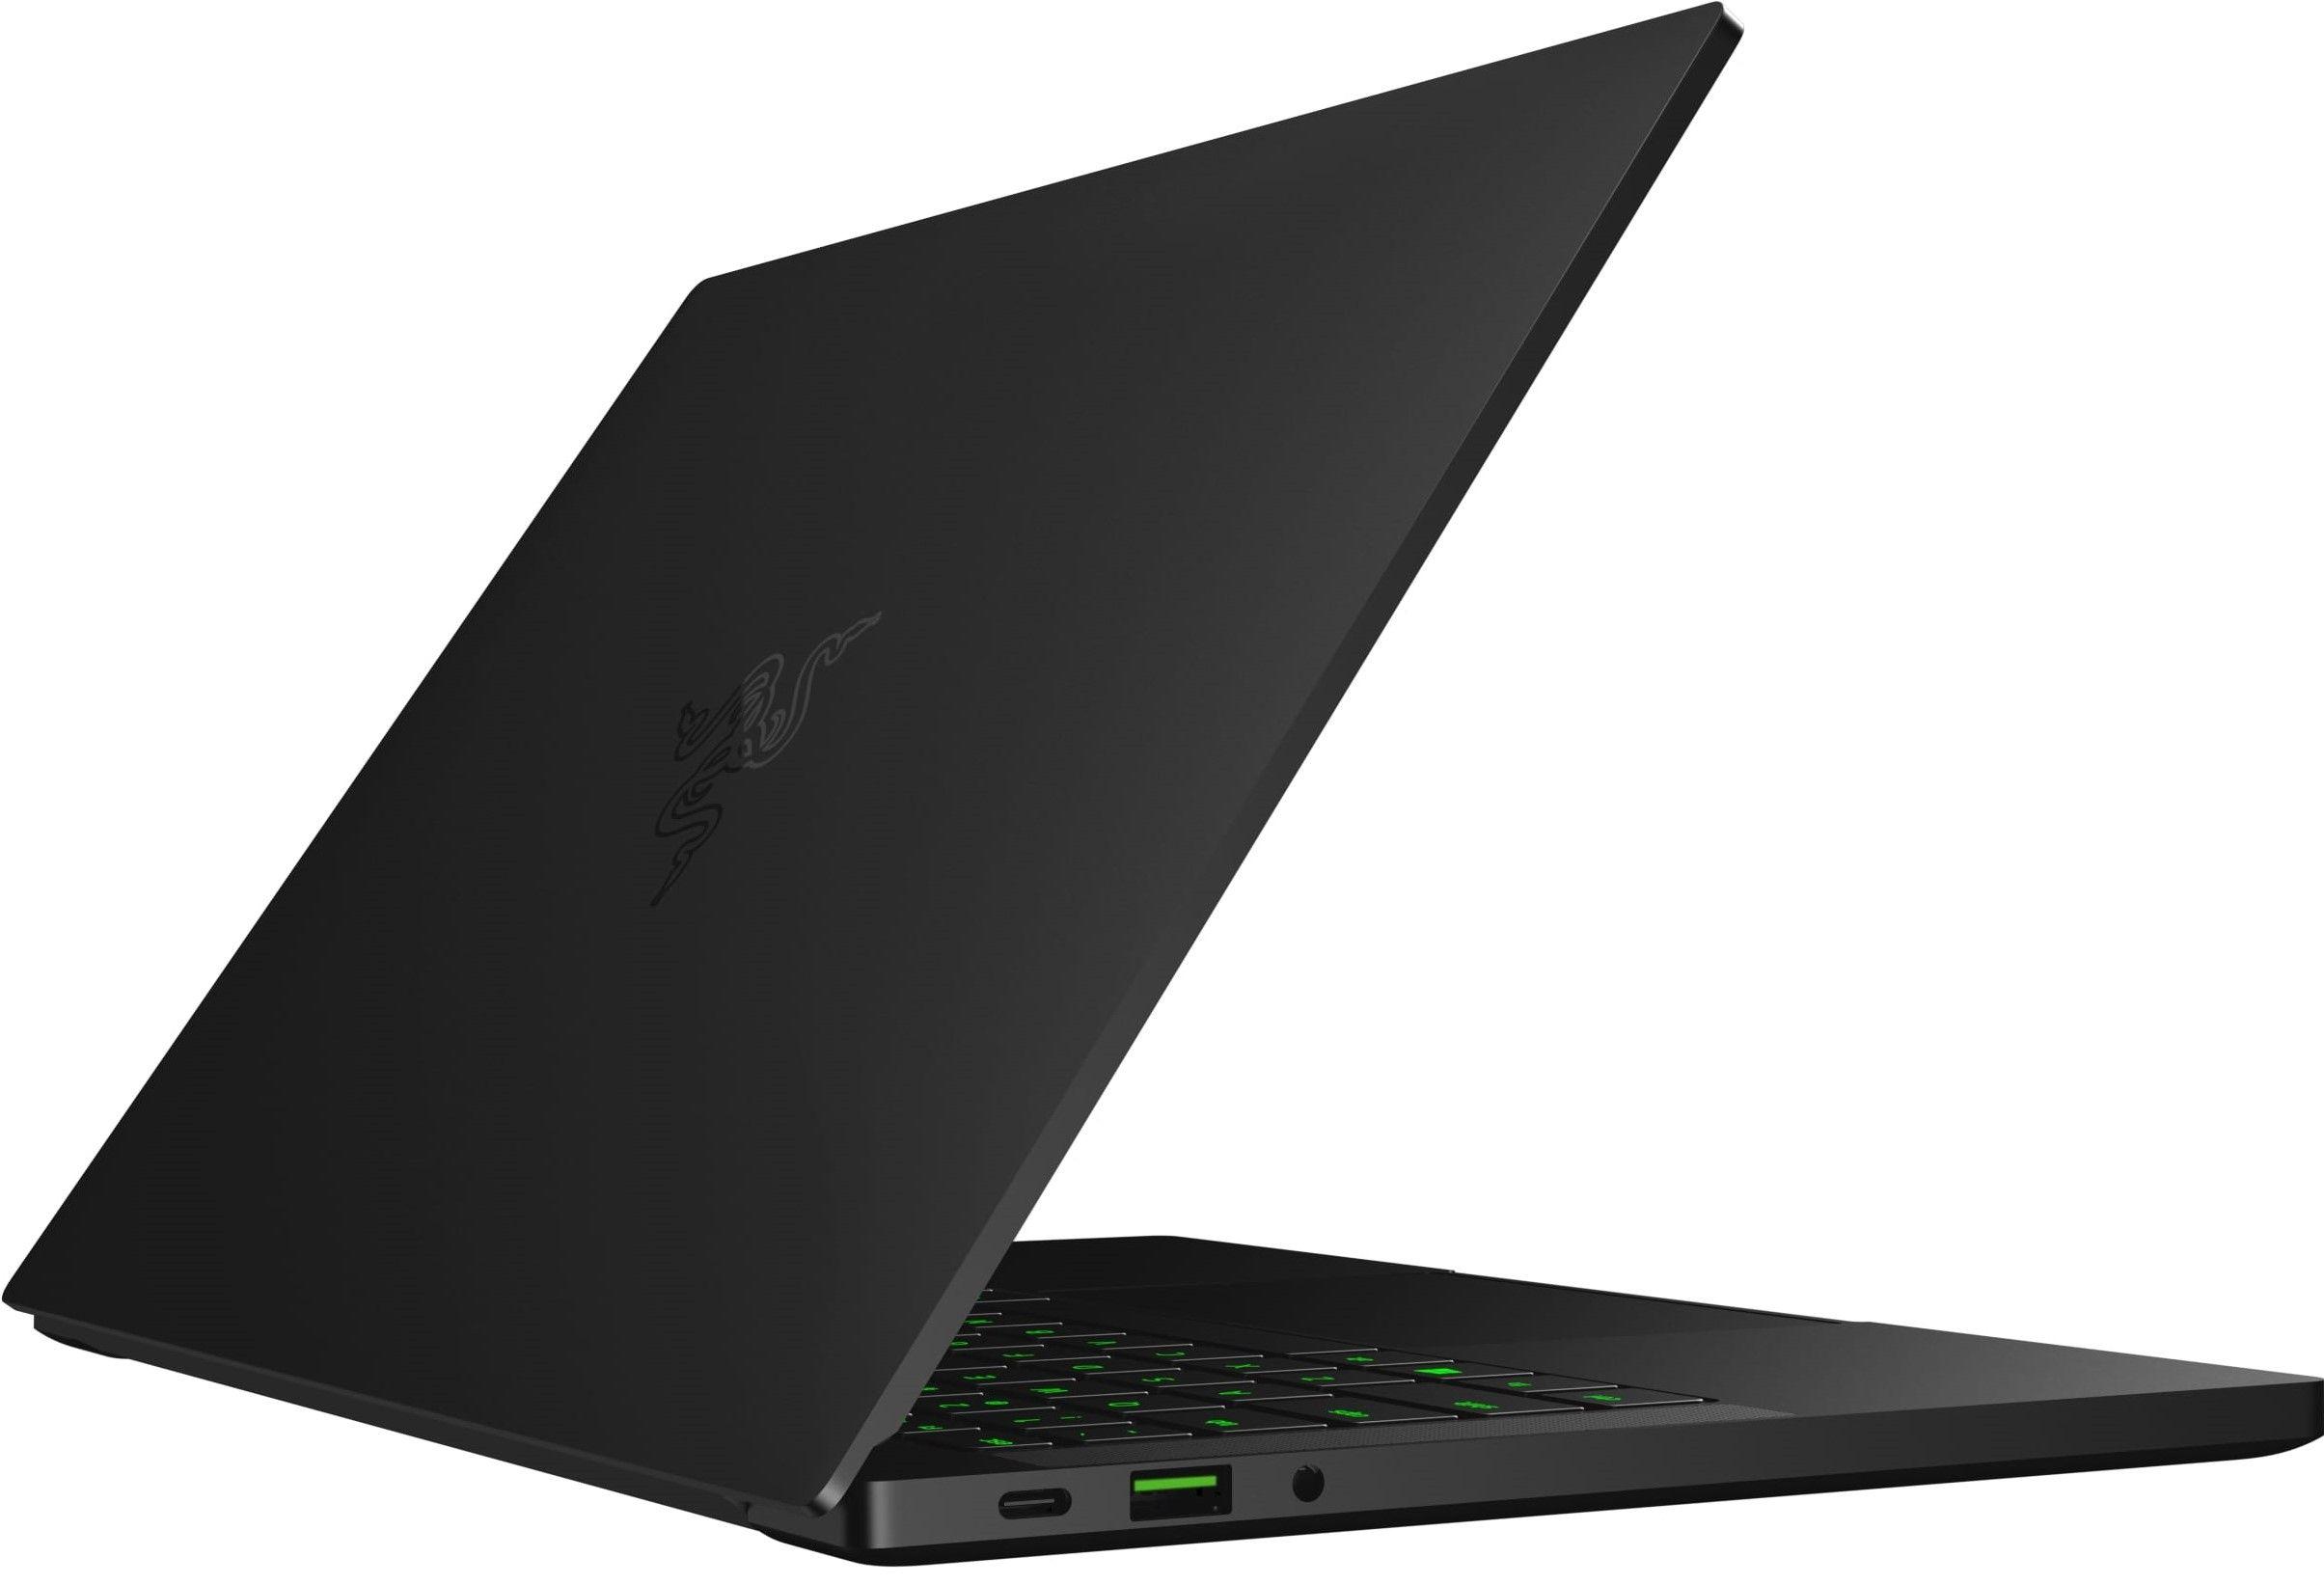 Лаптоп Razer Blade Stealth 13 - L1 / FHD / i7 / UMA / 8GB RAM / 256GB SSD - 4